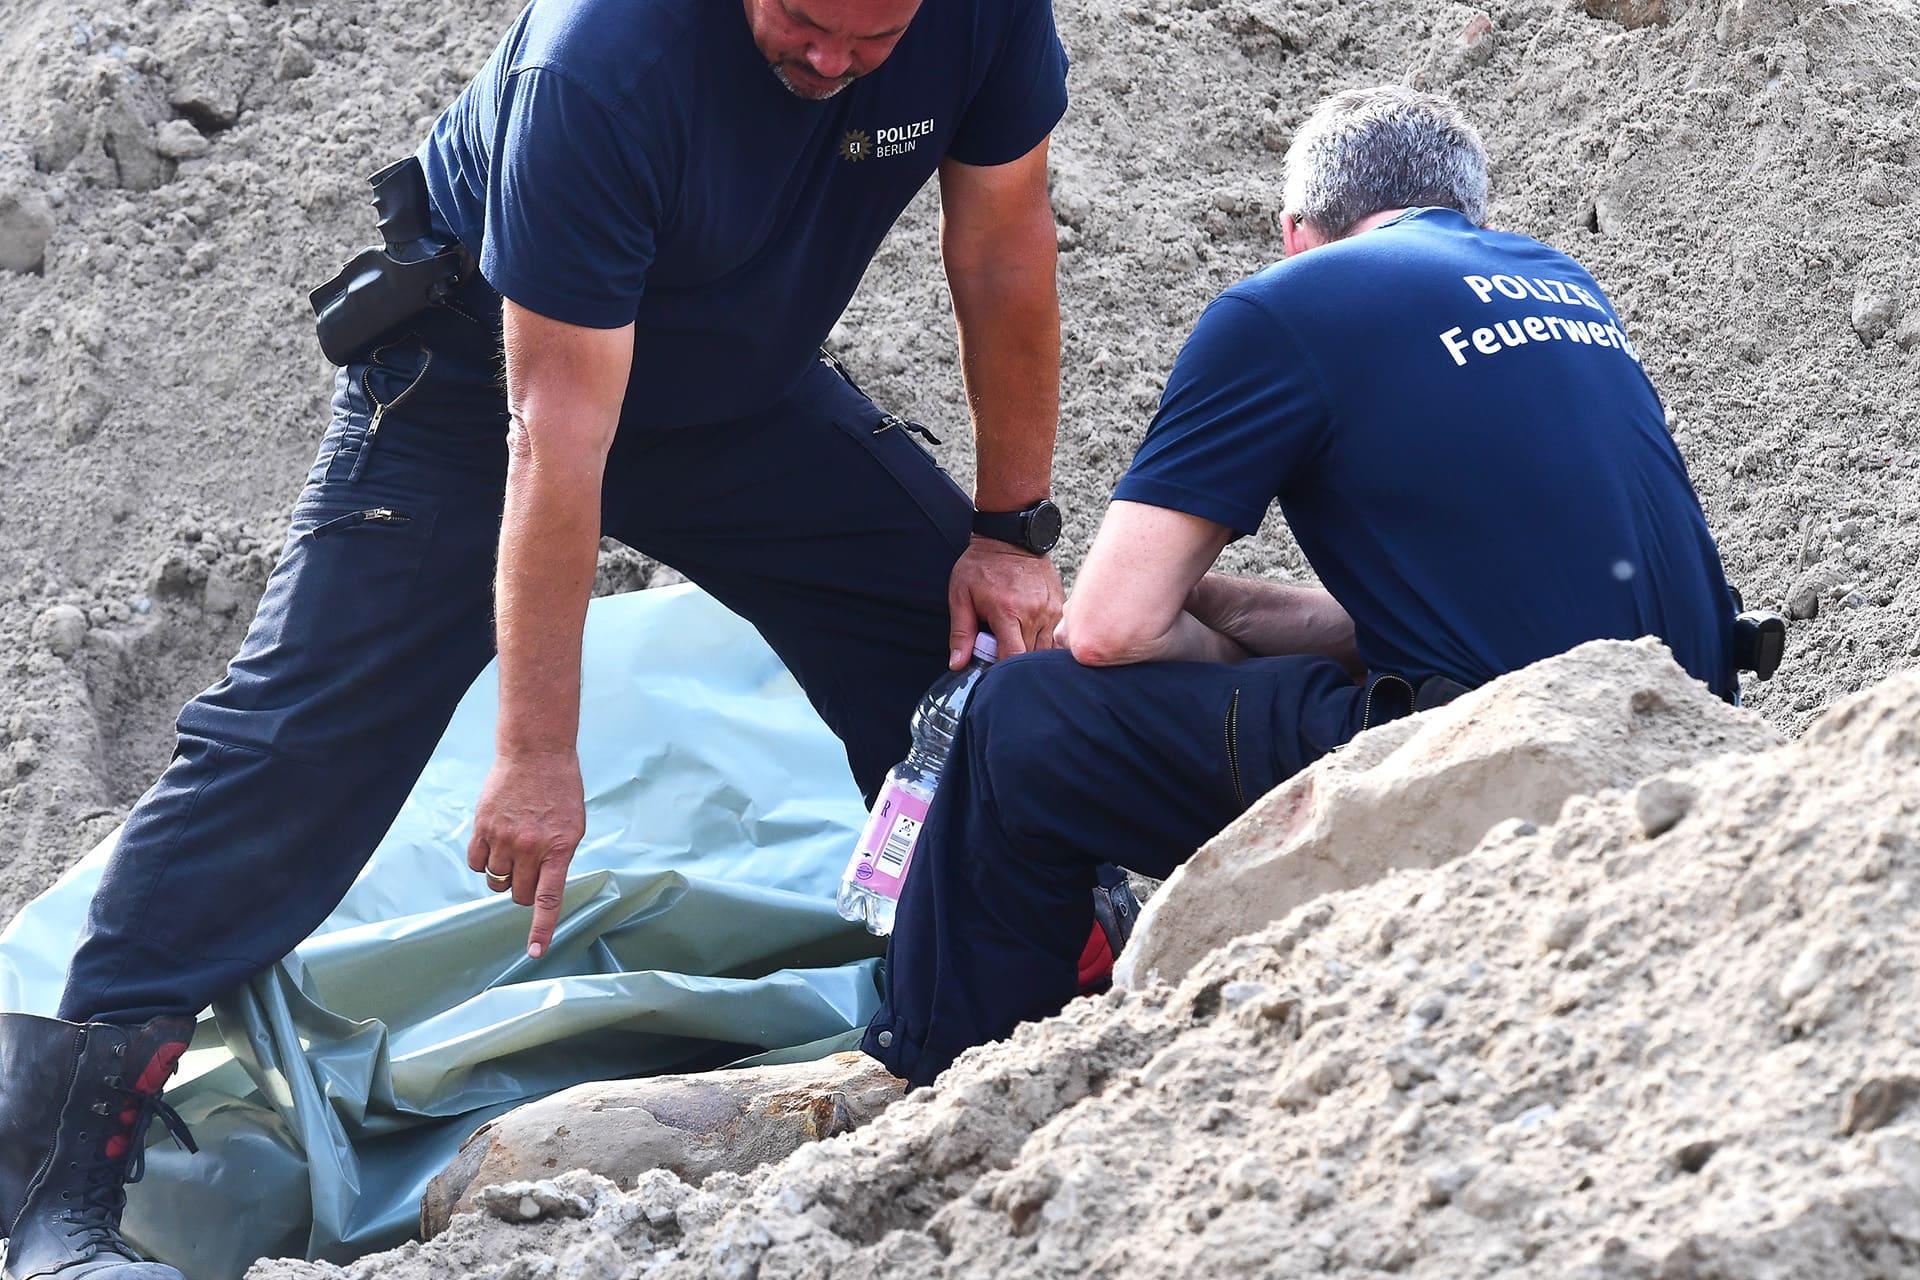 Poliisin erikoisryhmä purki sodanaikaisen 100 kilon lentopommin berliiniläisellä rakennustyömaalla.